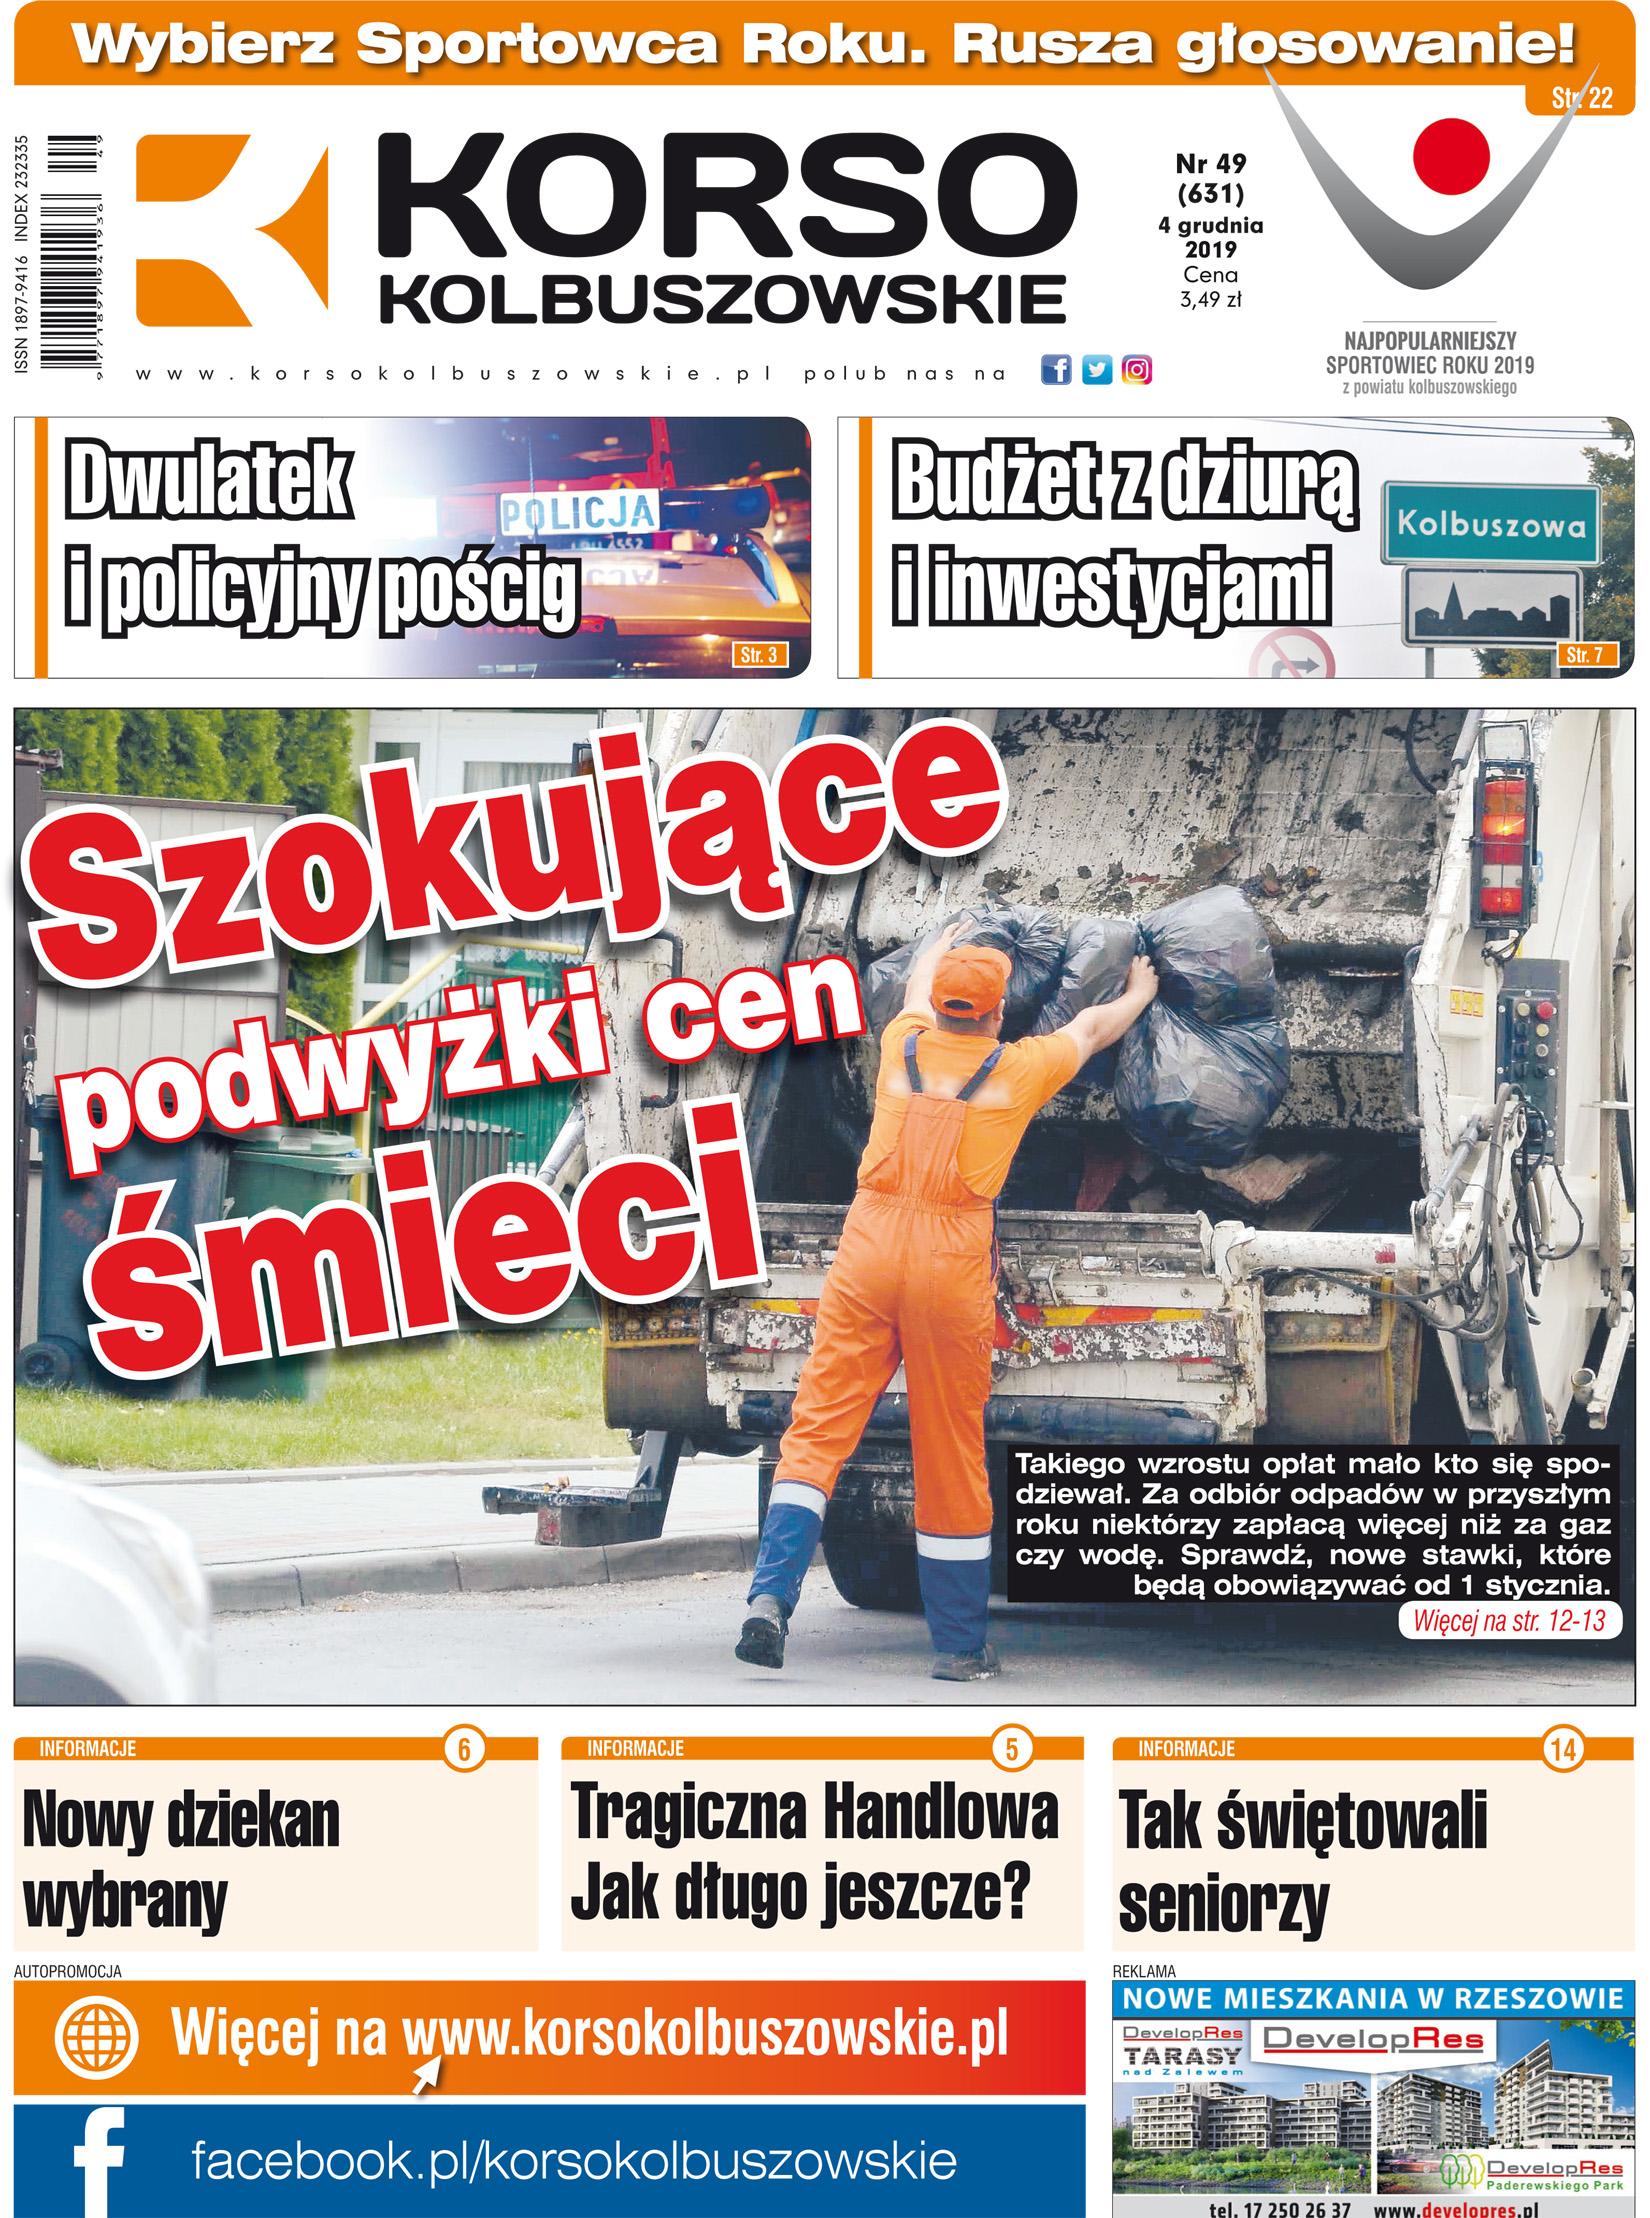 Korso Kolbuszowskie - nr 49/2018 - Zdjęcie główne